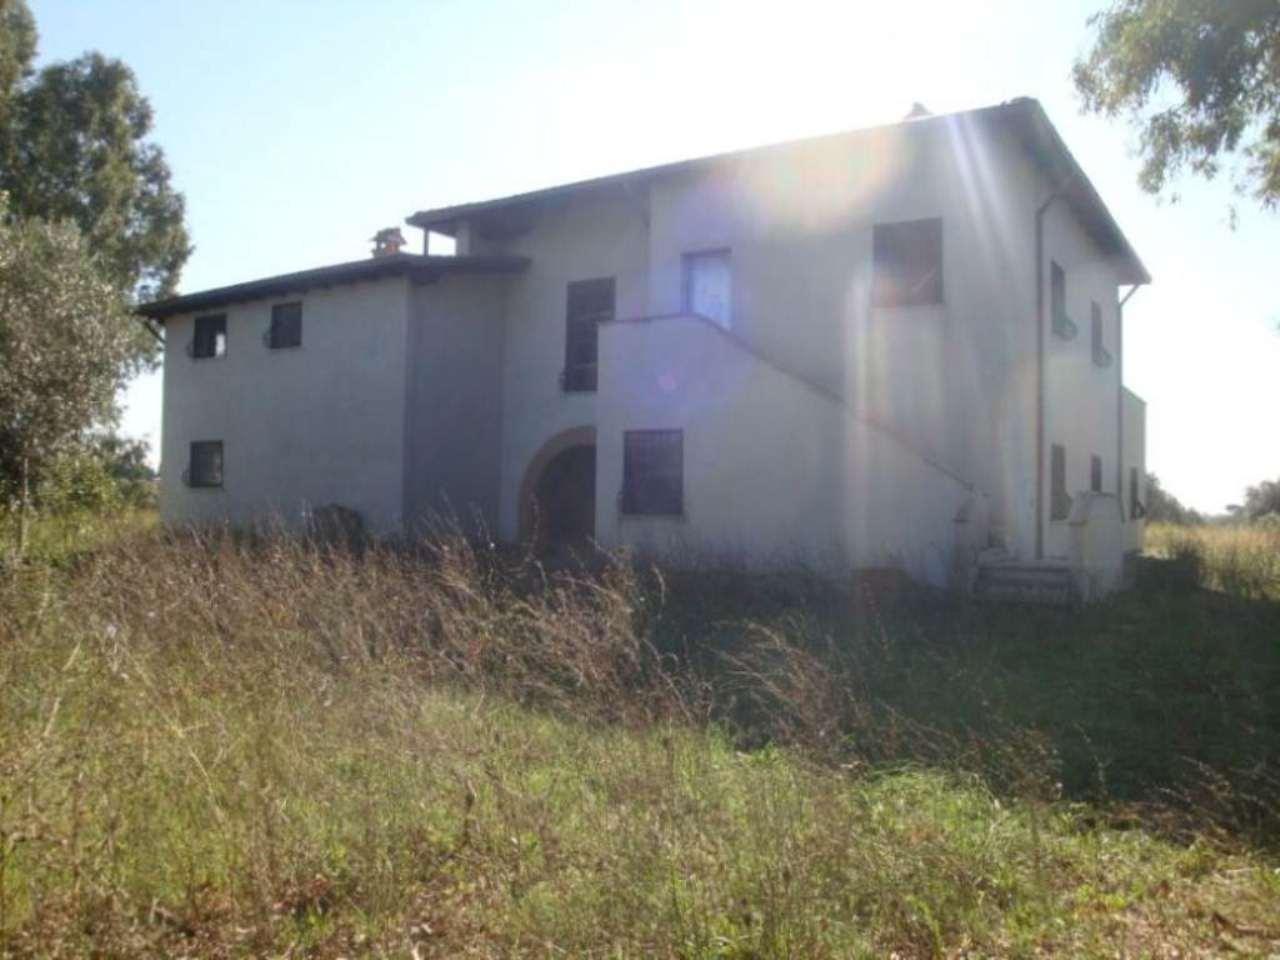 Rustico / Casale in vendita a Ardea, 9999 locali, prezzo € 900.000 | Cambio Casa.it